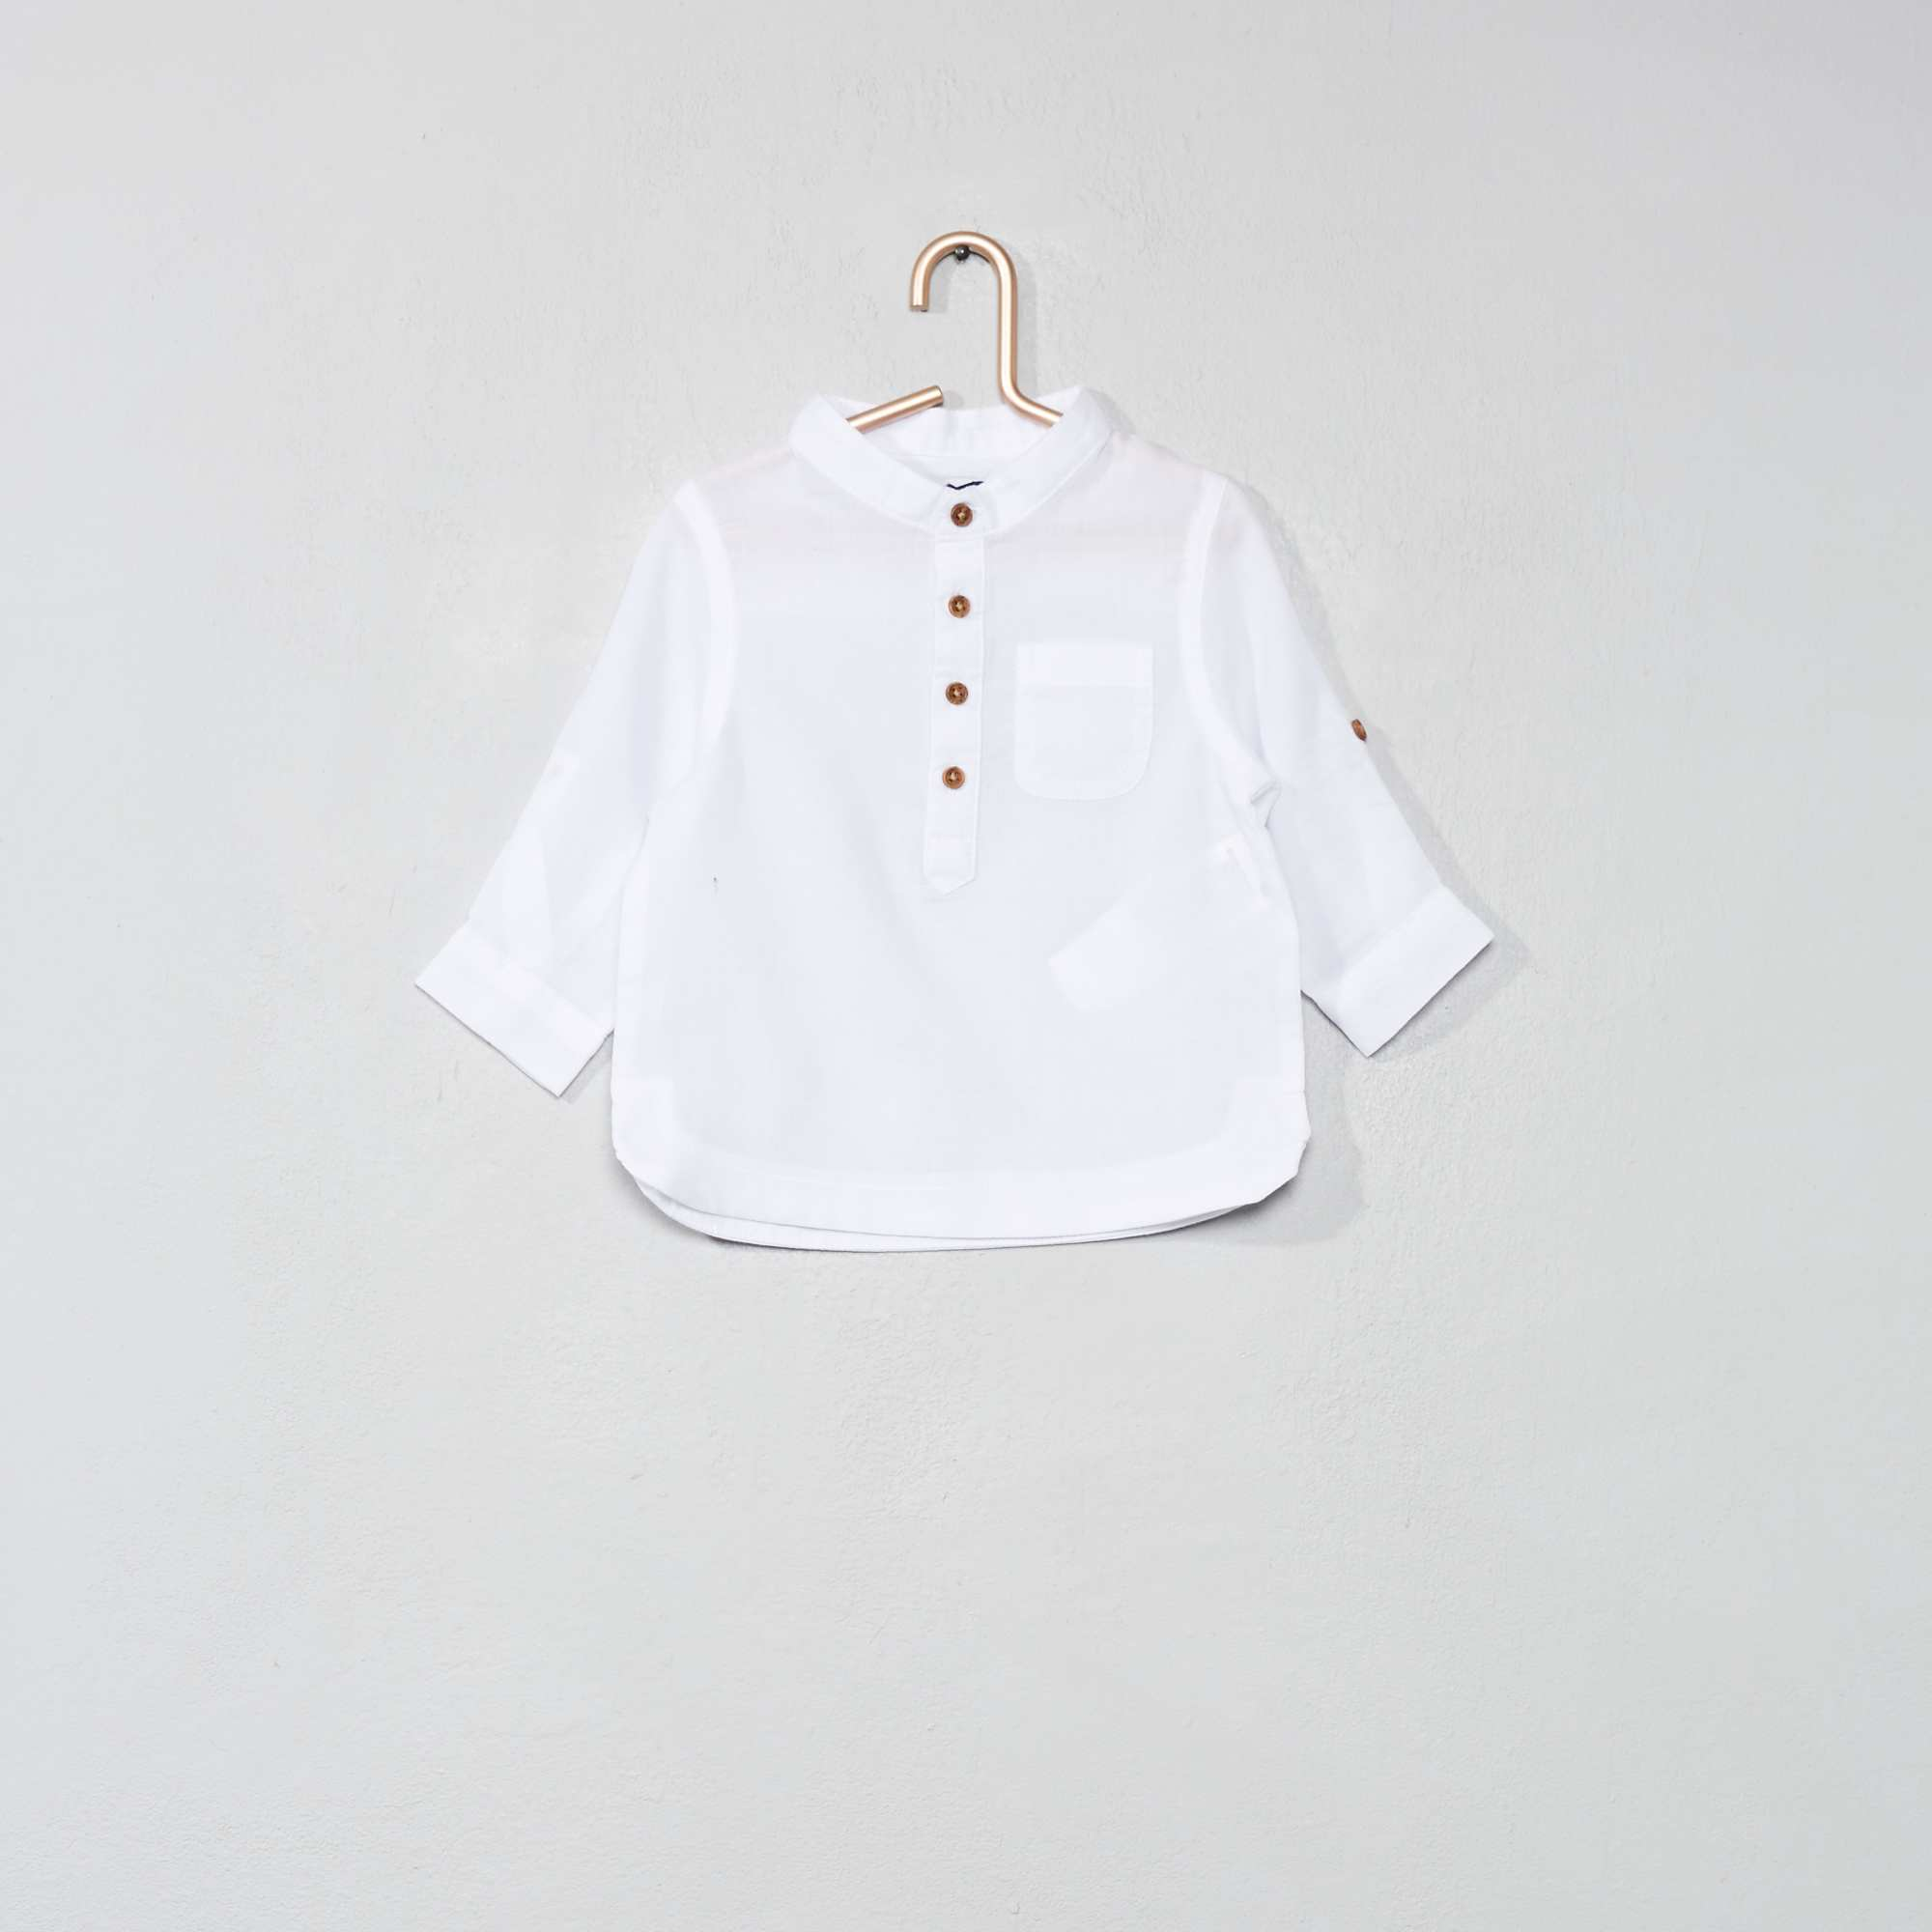 95095cf4cf862 Chemise col mao en voile de coton Bébé garçon - blanc - Kiabi - 8